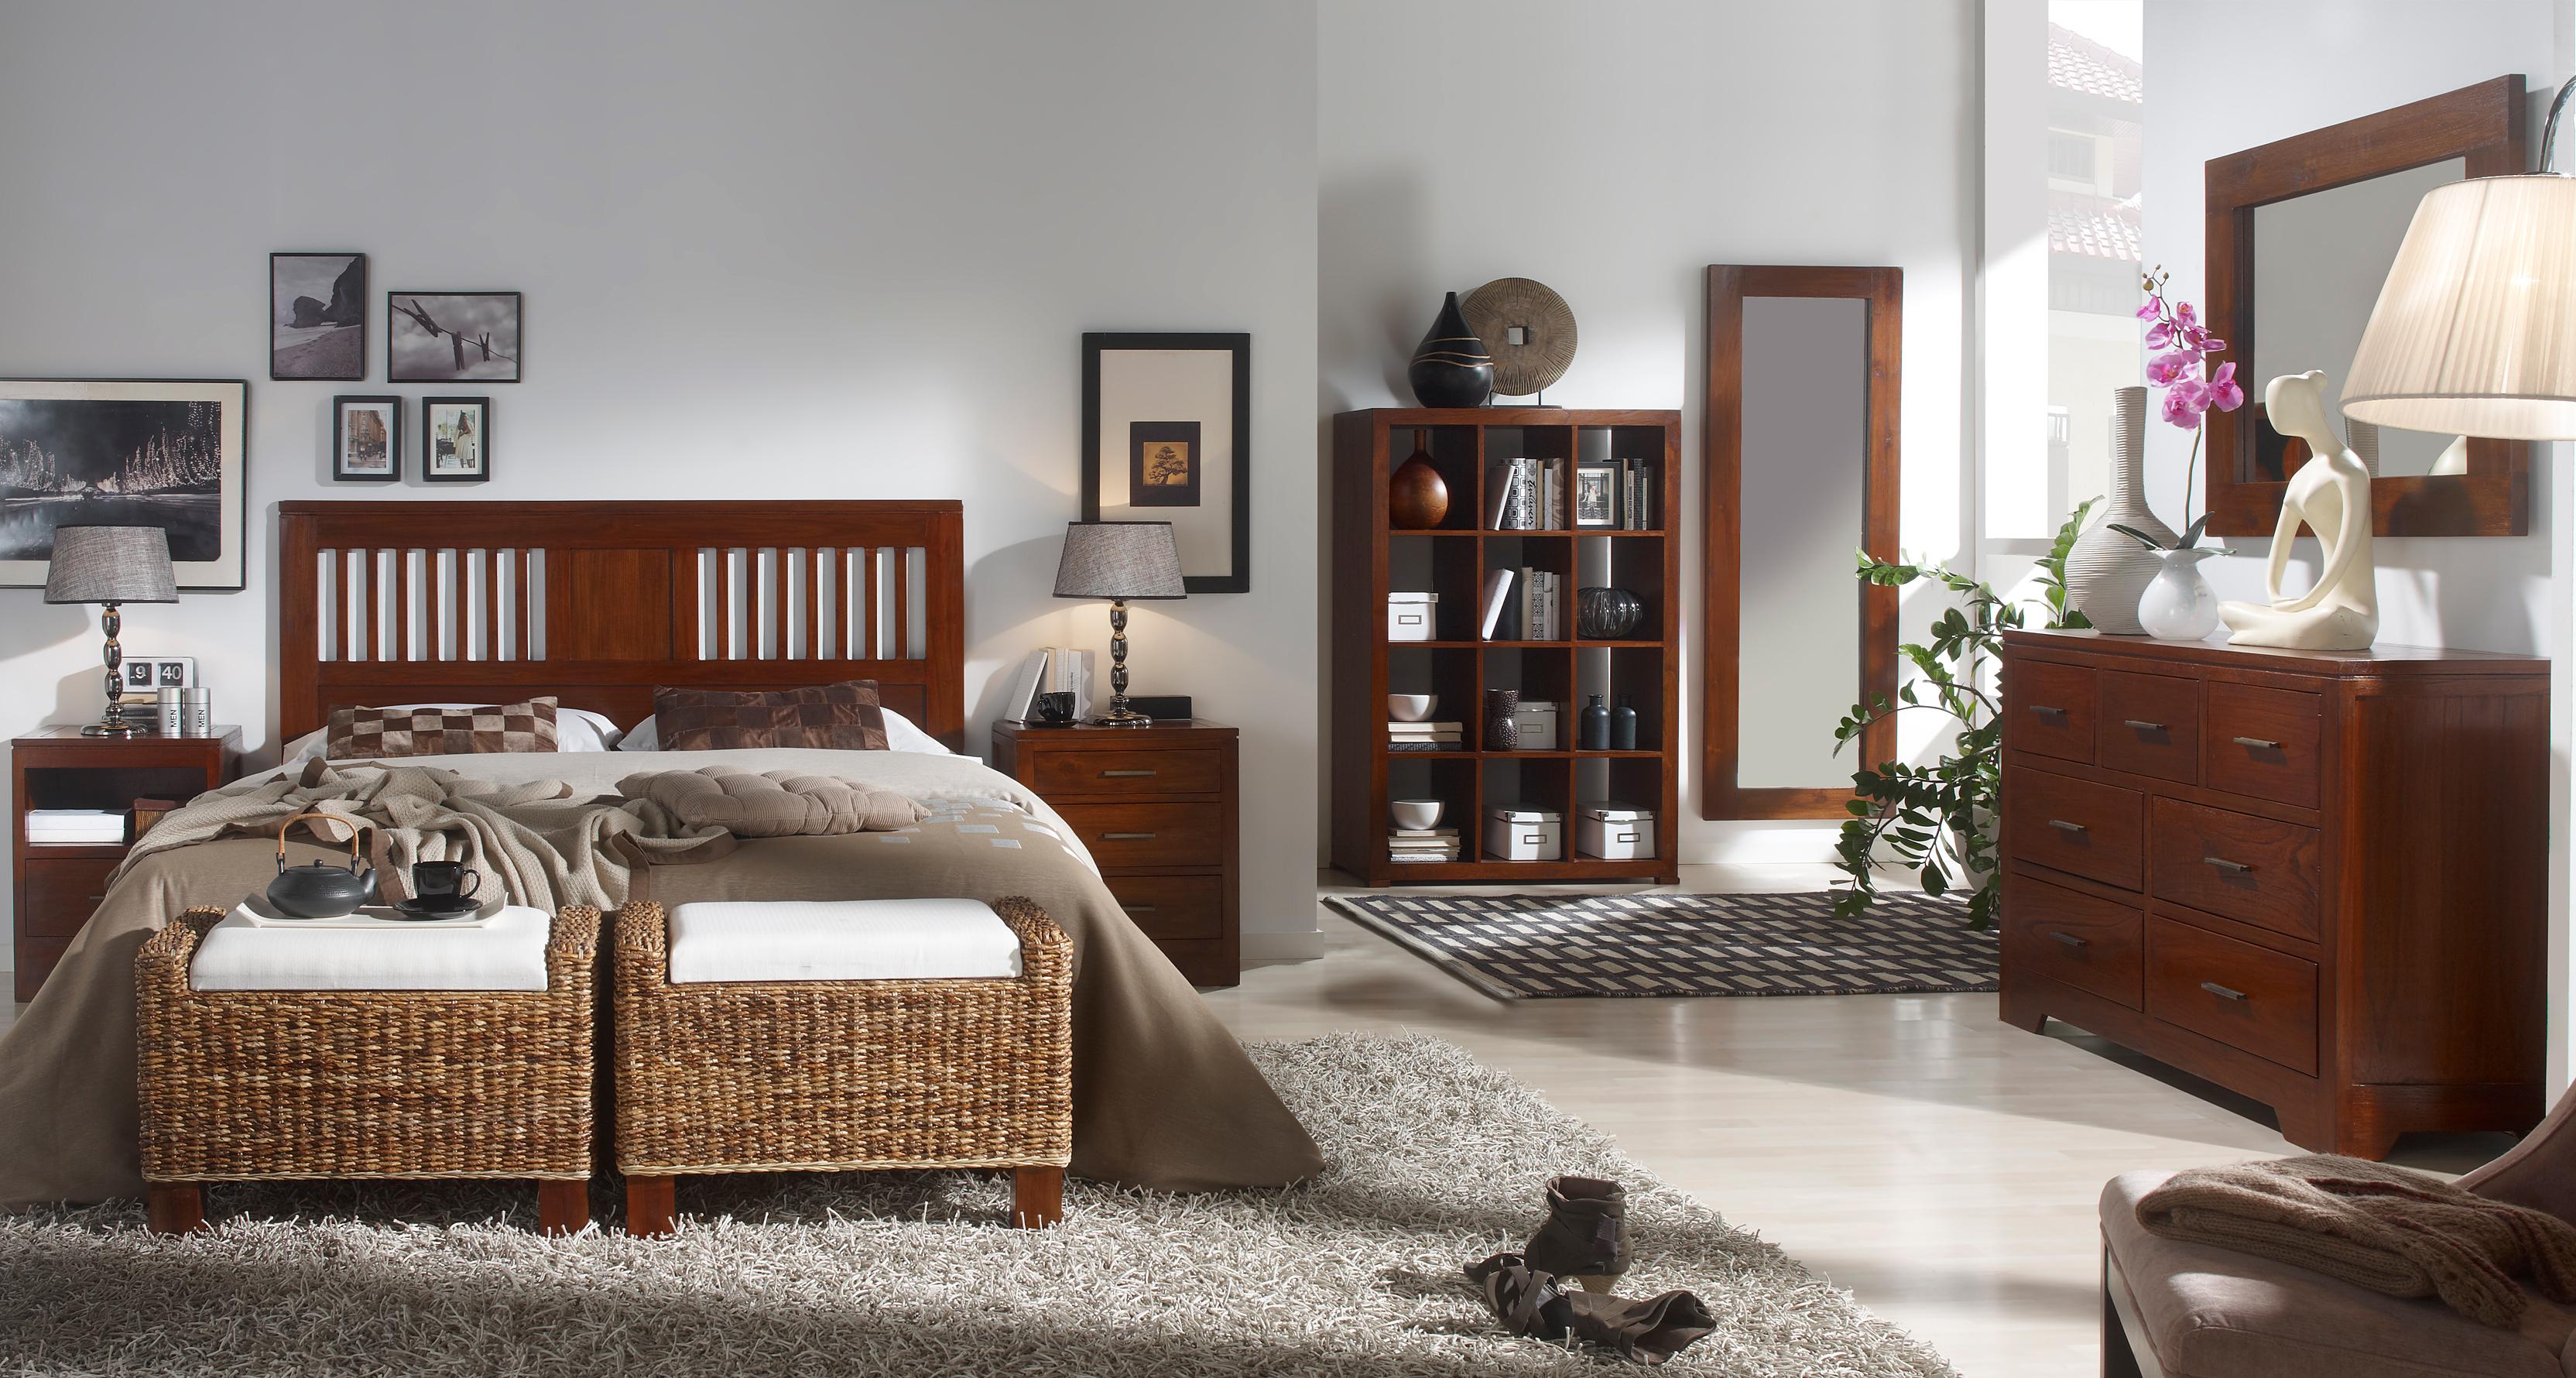 Muebles coloniales modernos muebles coloniales modernos for Muebles estilo colonial moderno